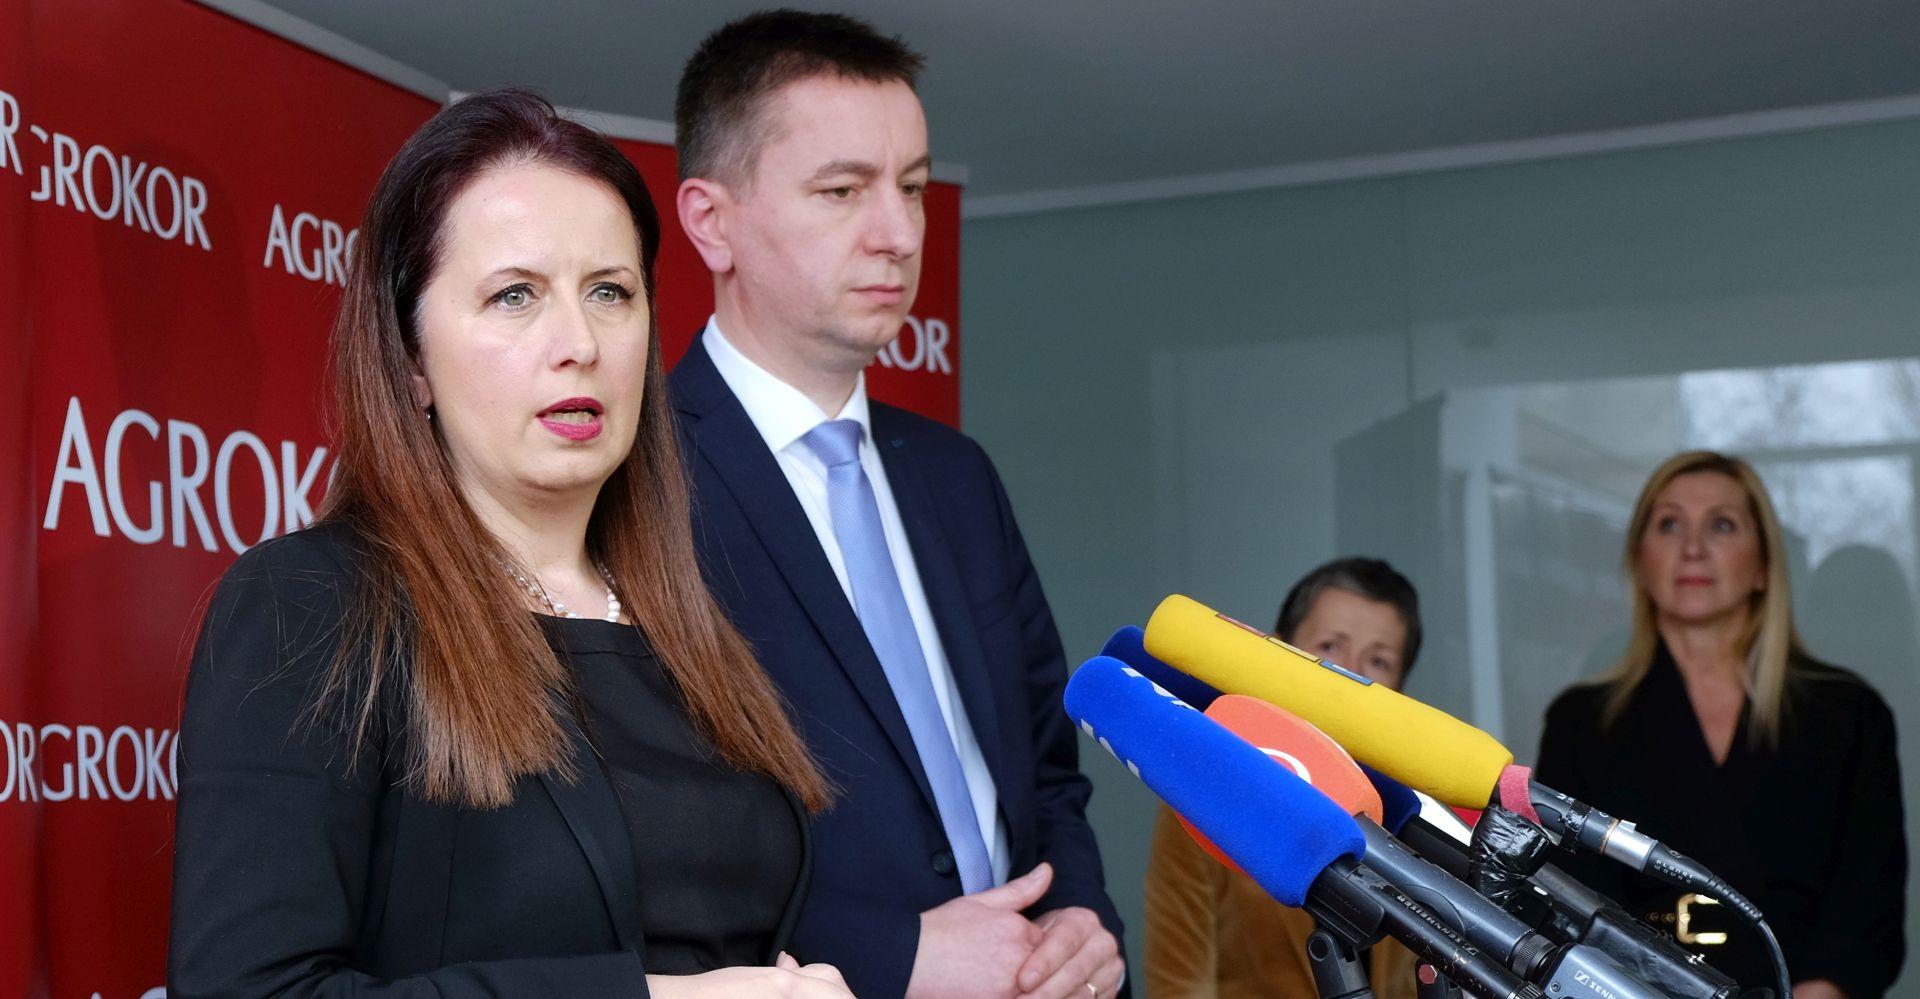 Peruško i Weber na sastanku s Plenkovićem